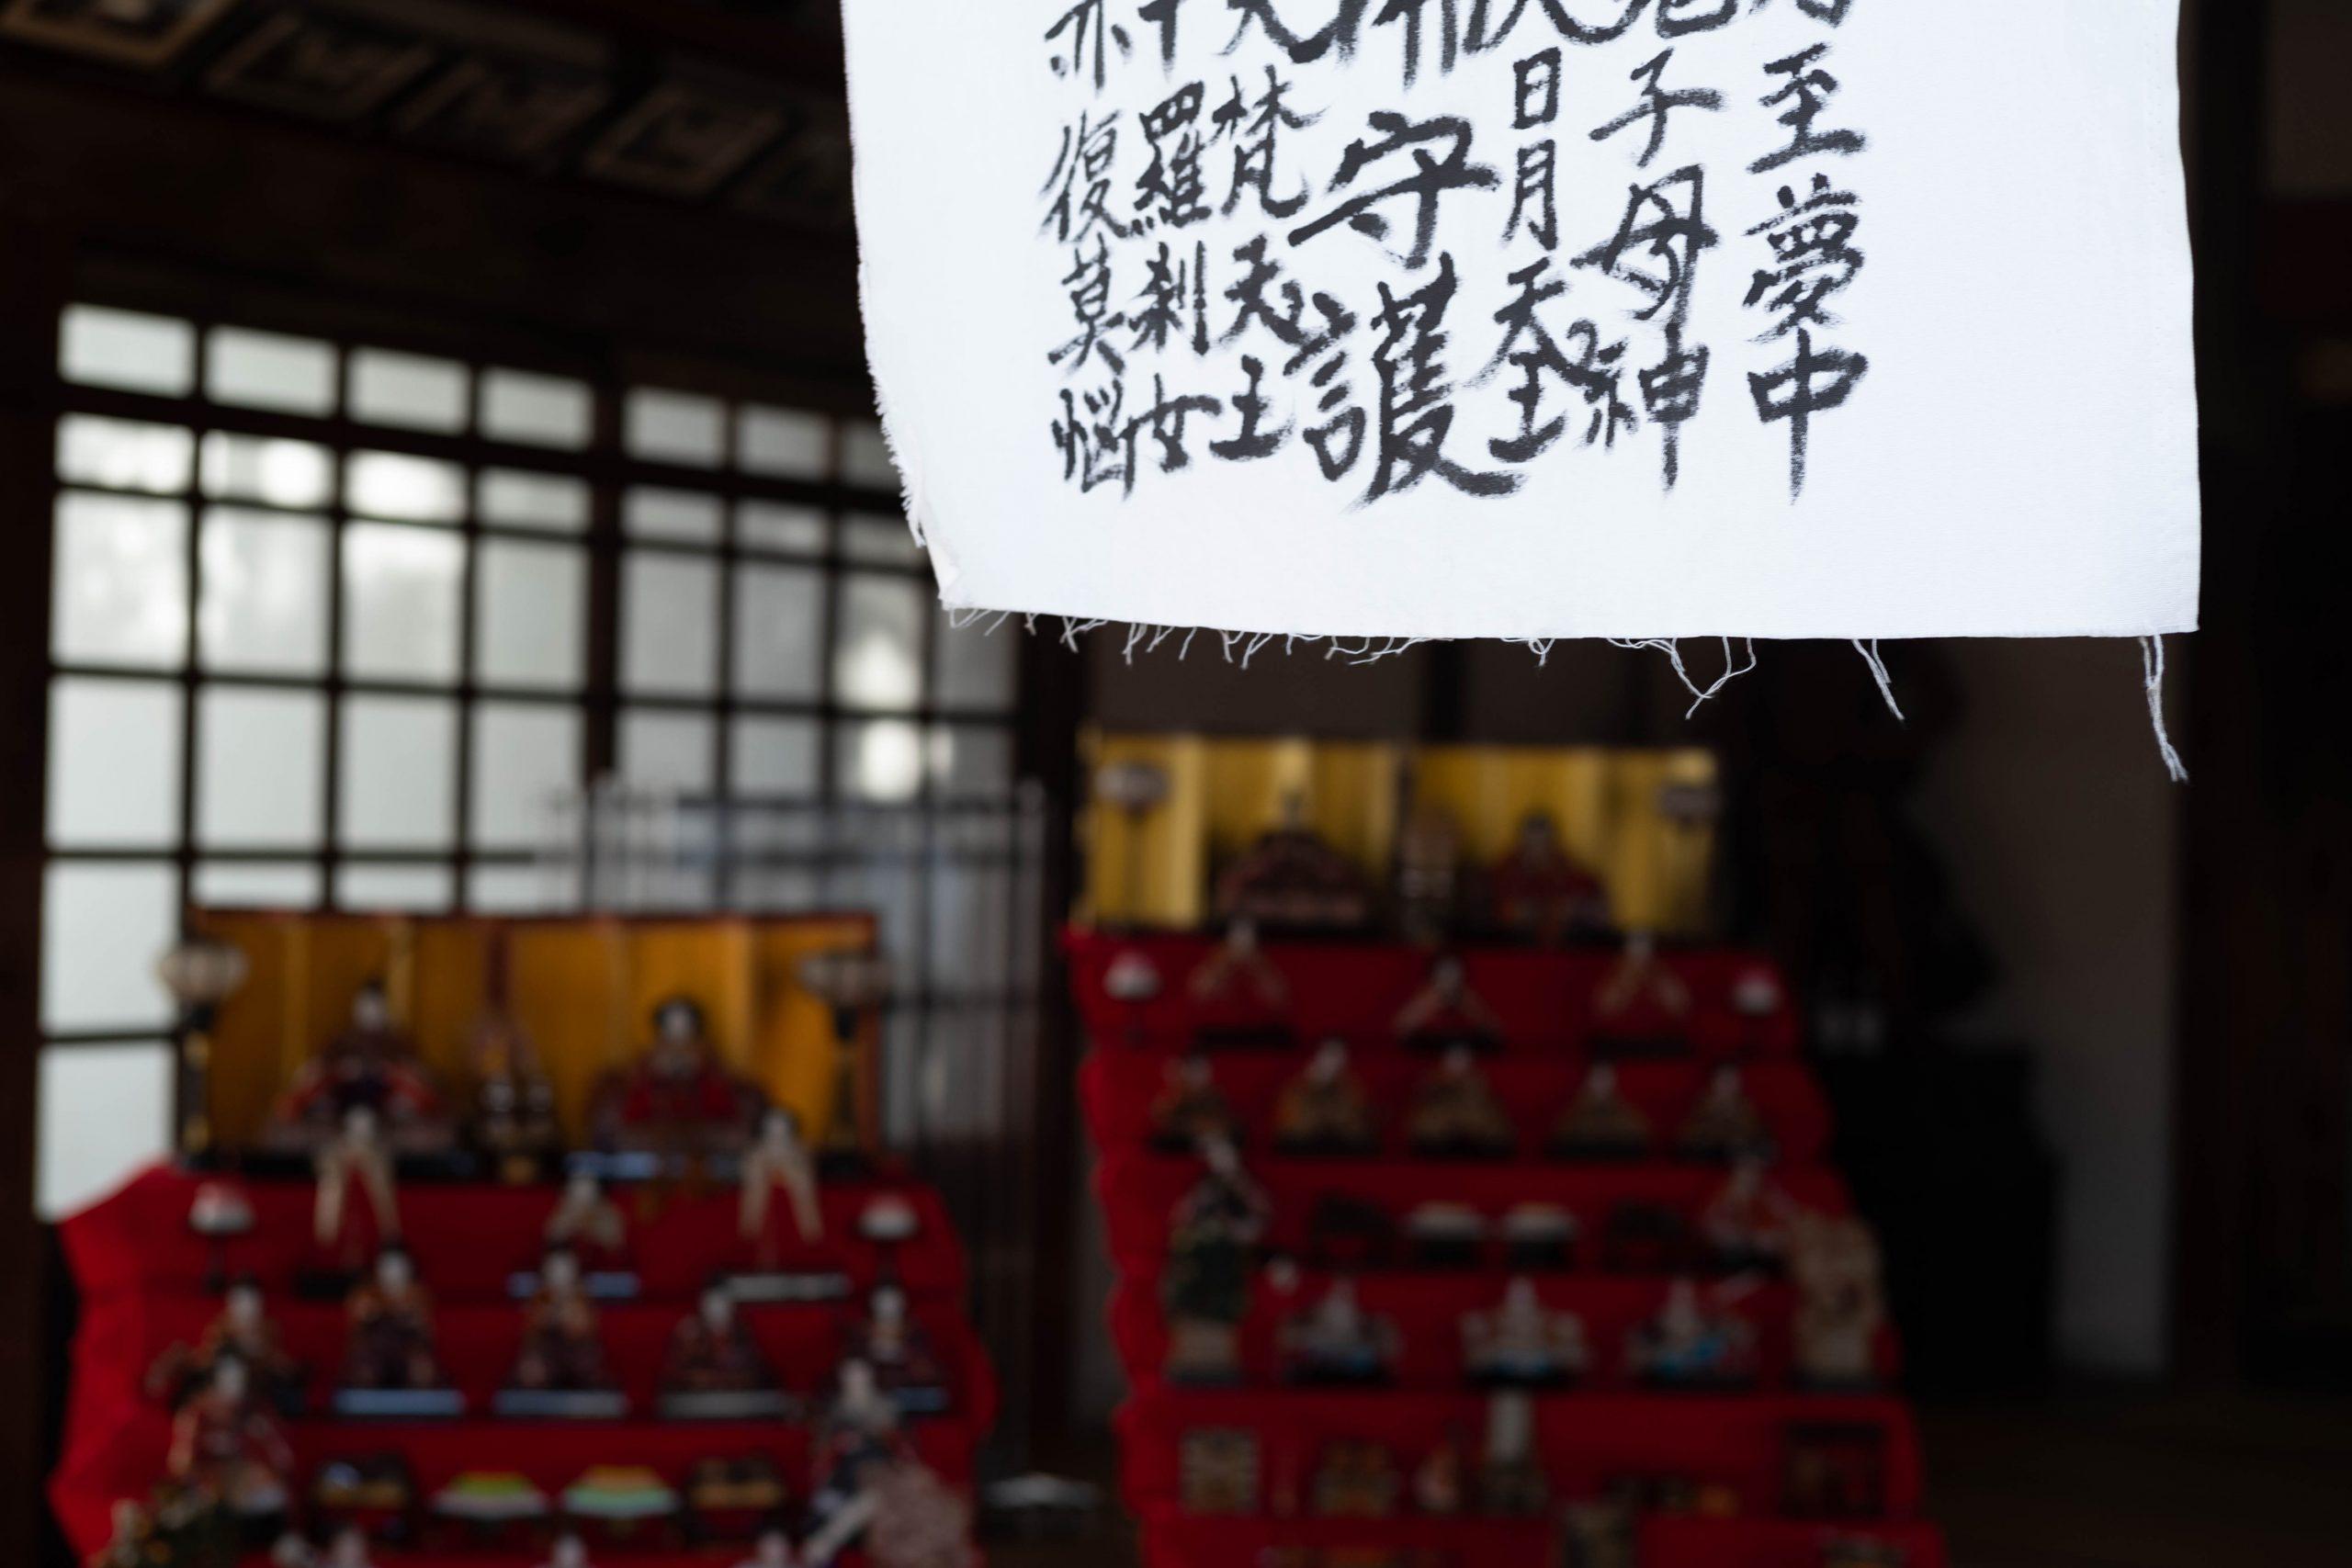 池本寺の雛人形